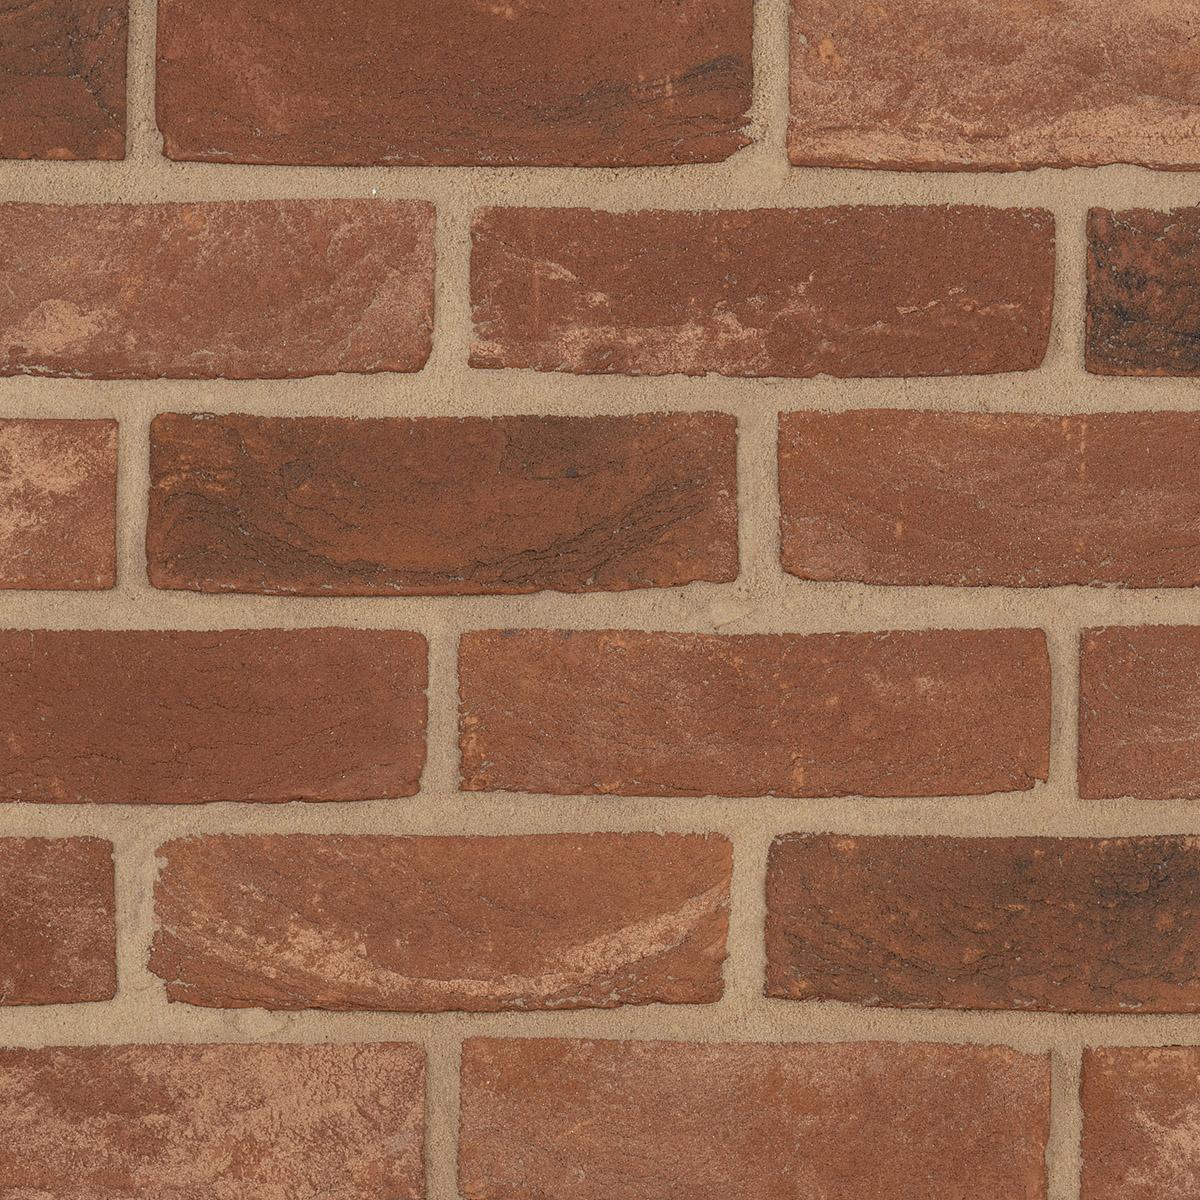 Newlyn Bricks – Neutral Mortar